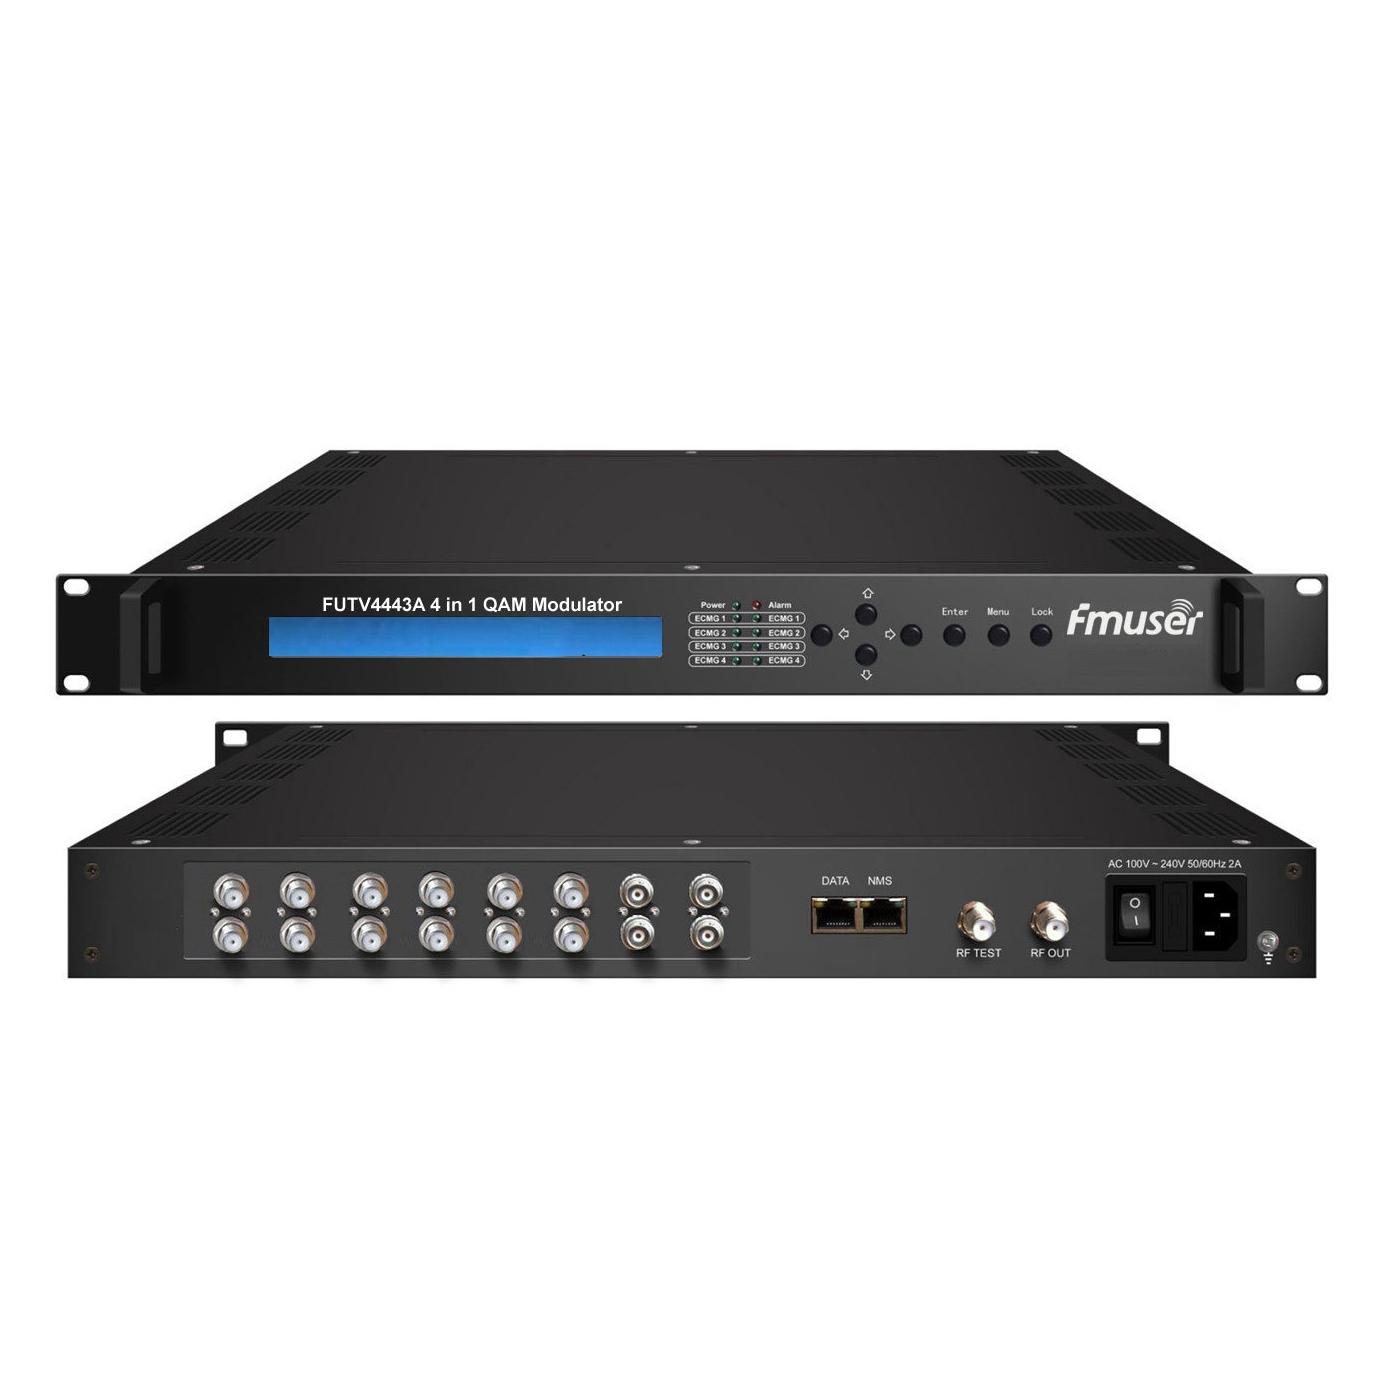 FMUSER FUTV4443A-10 4 sa 1 Mux-Scrambling QAM (6 DVB-S2 tuner + 4 ASI input opsyonal, 4 multiplexing, 4 scrambling at 4 QAM modulating) na may SNMP pamamahala